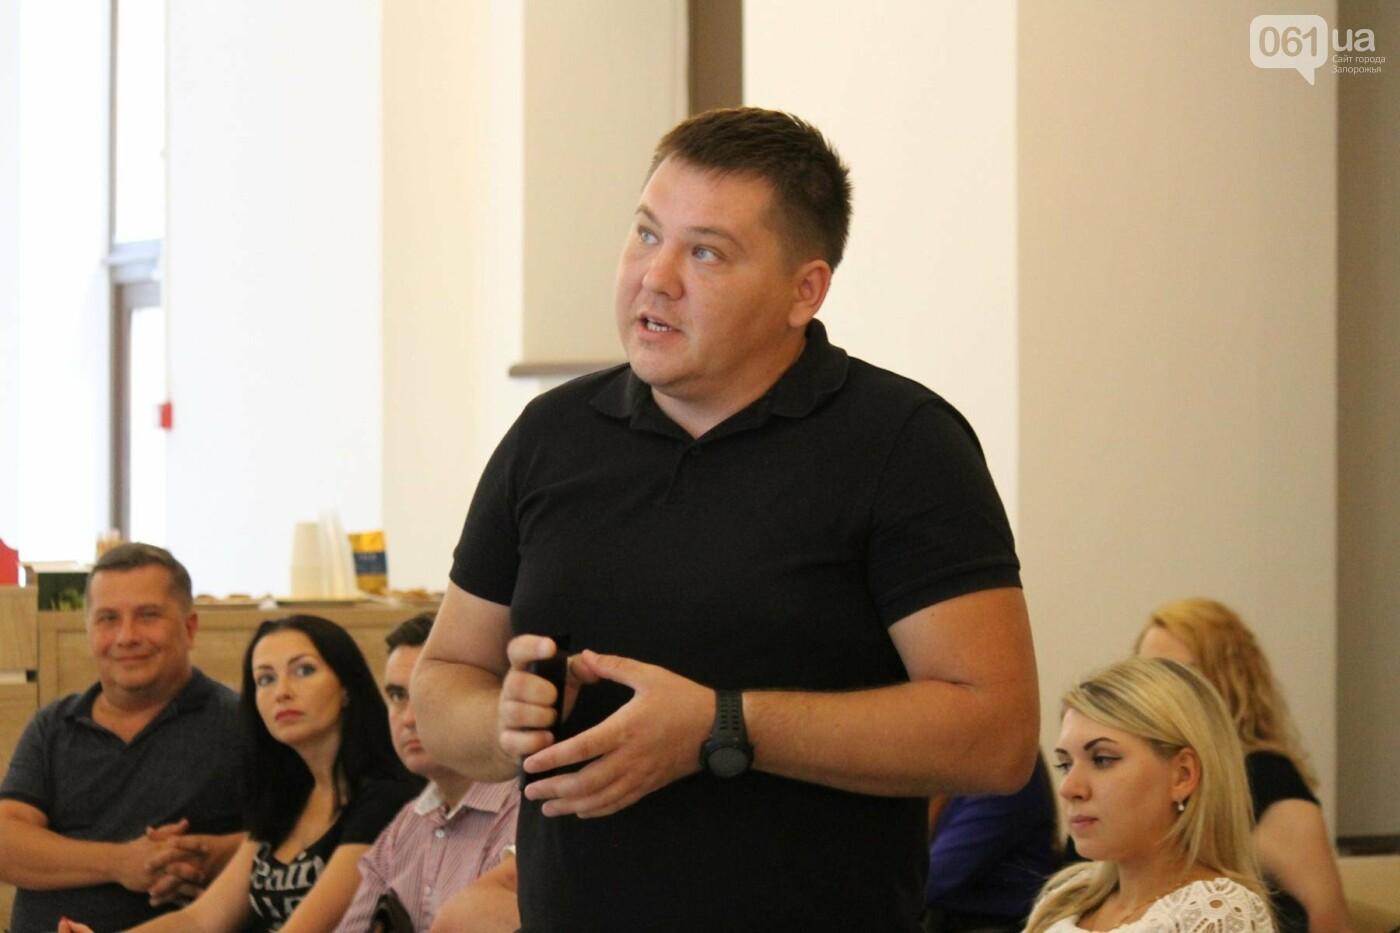 В Запорожье провели мозговой штурм и обсудили будущий проект Привокзальной площади, – ФОТОРЕПОРТАЖ, фото-9